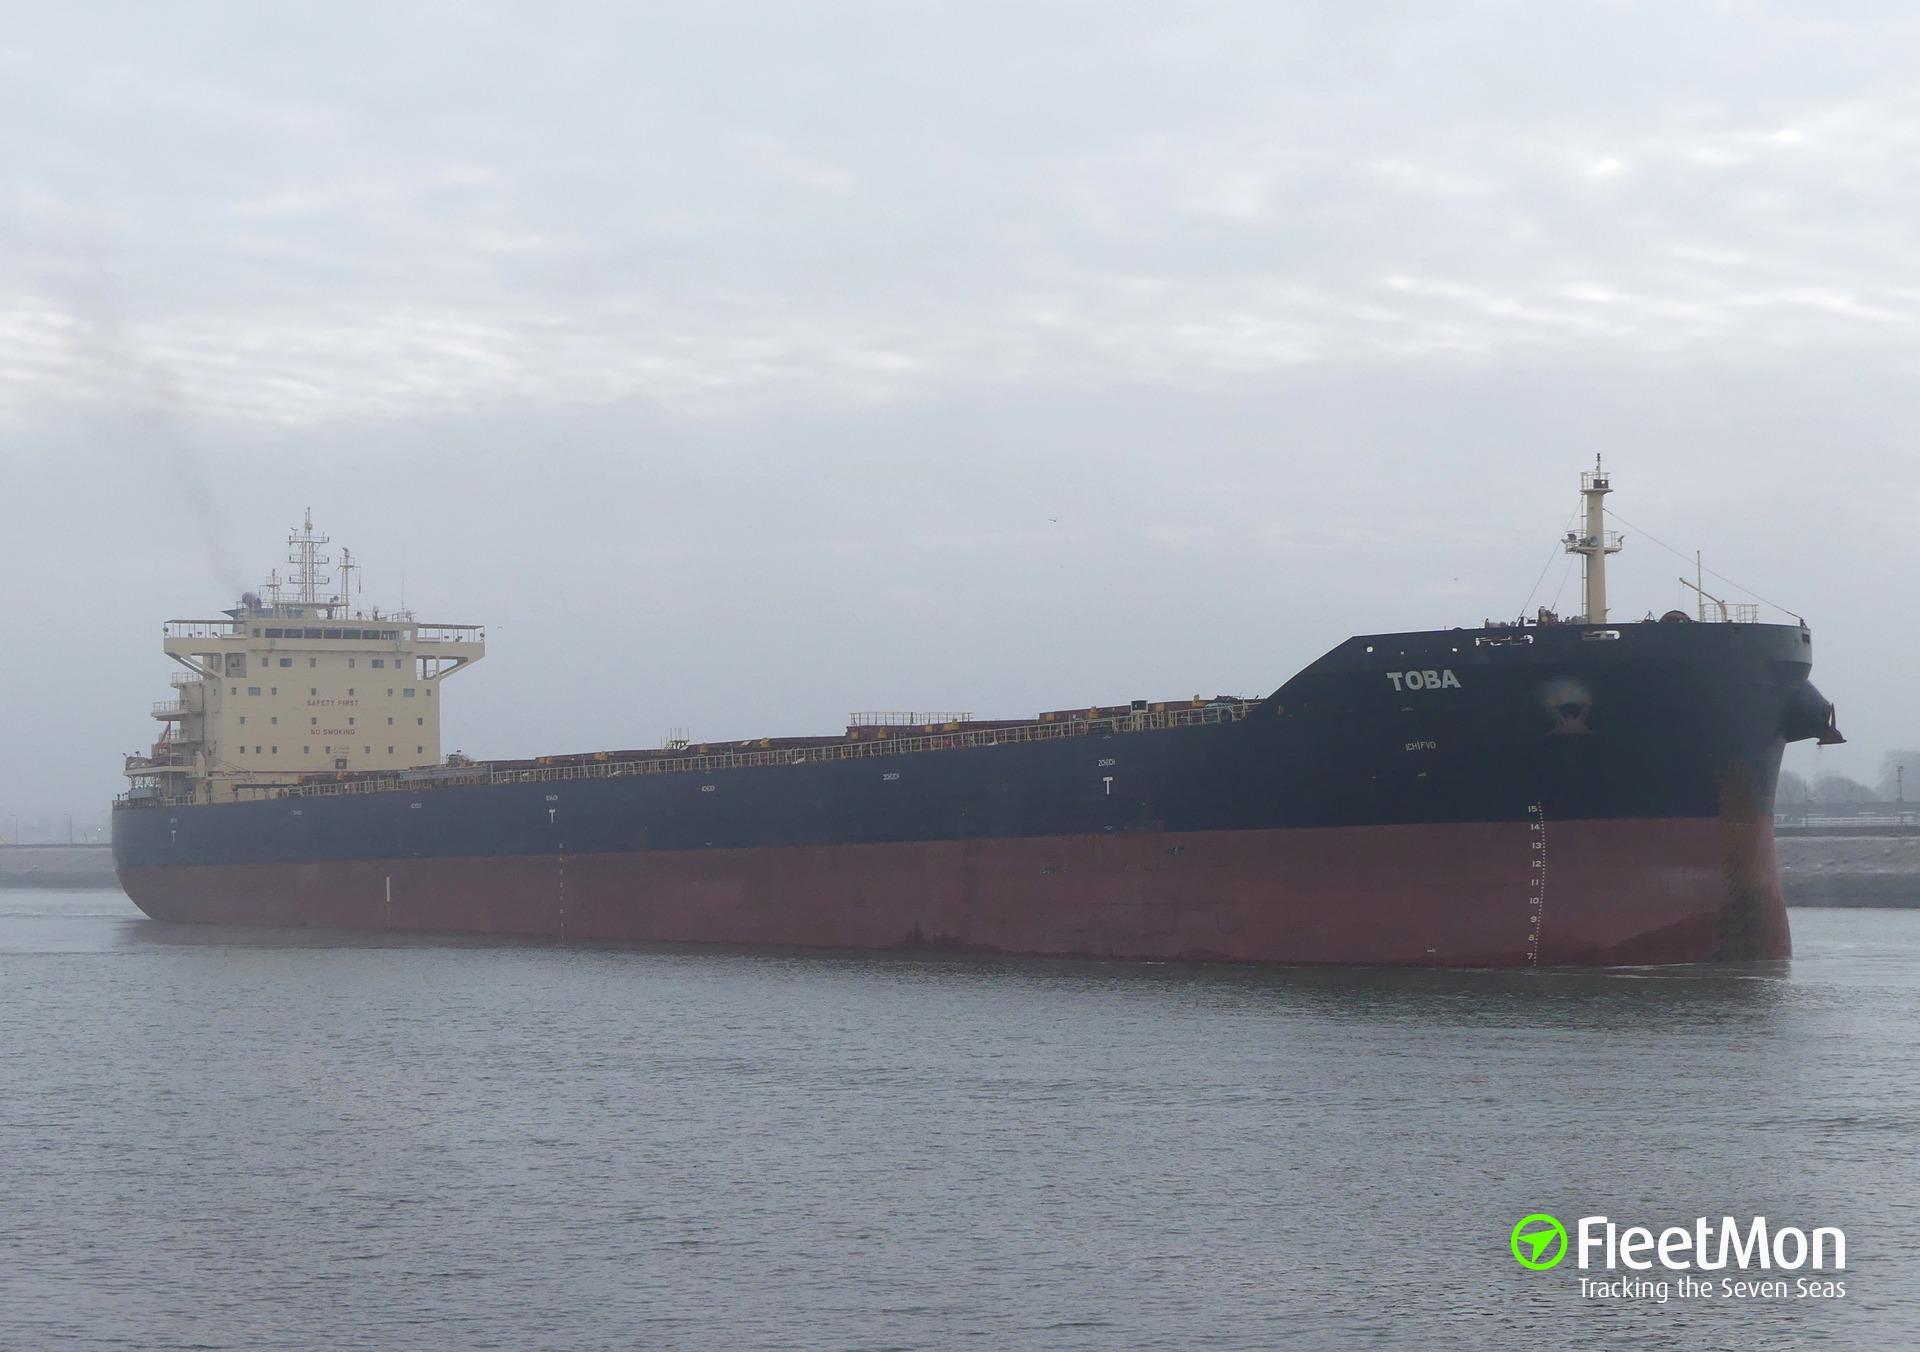 Oil leak from bulk carrier TOBA, Santos, Brazil